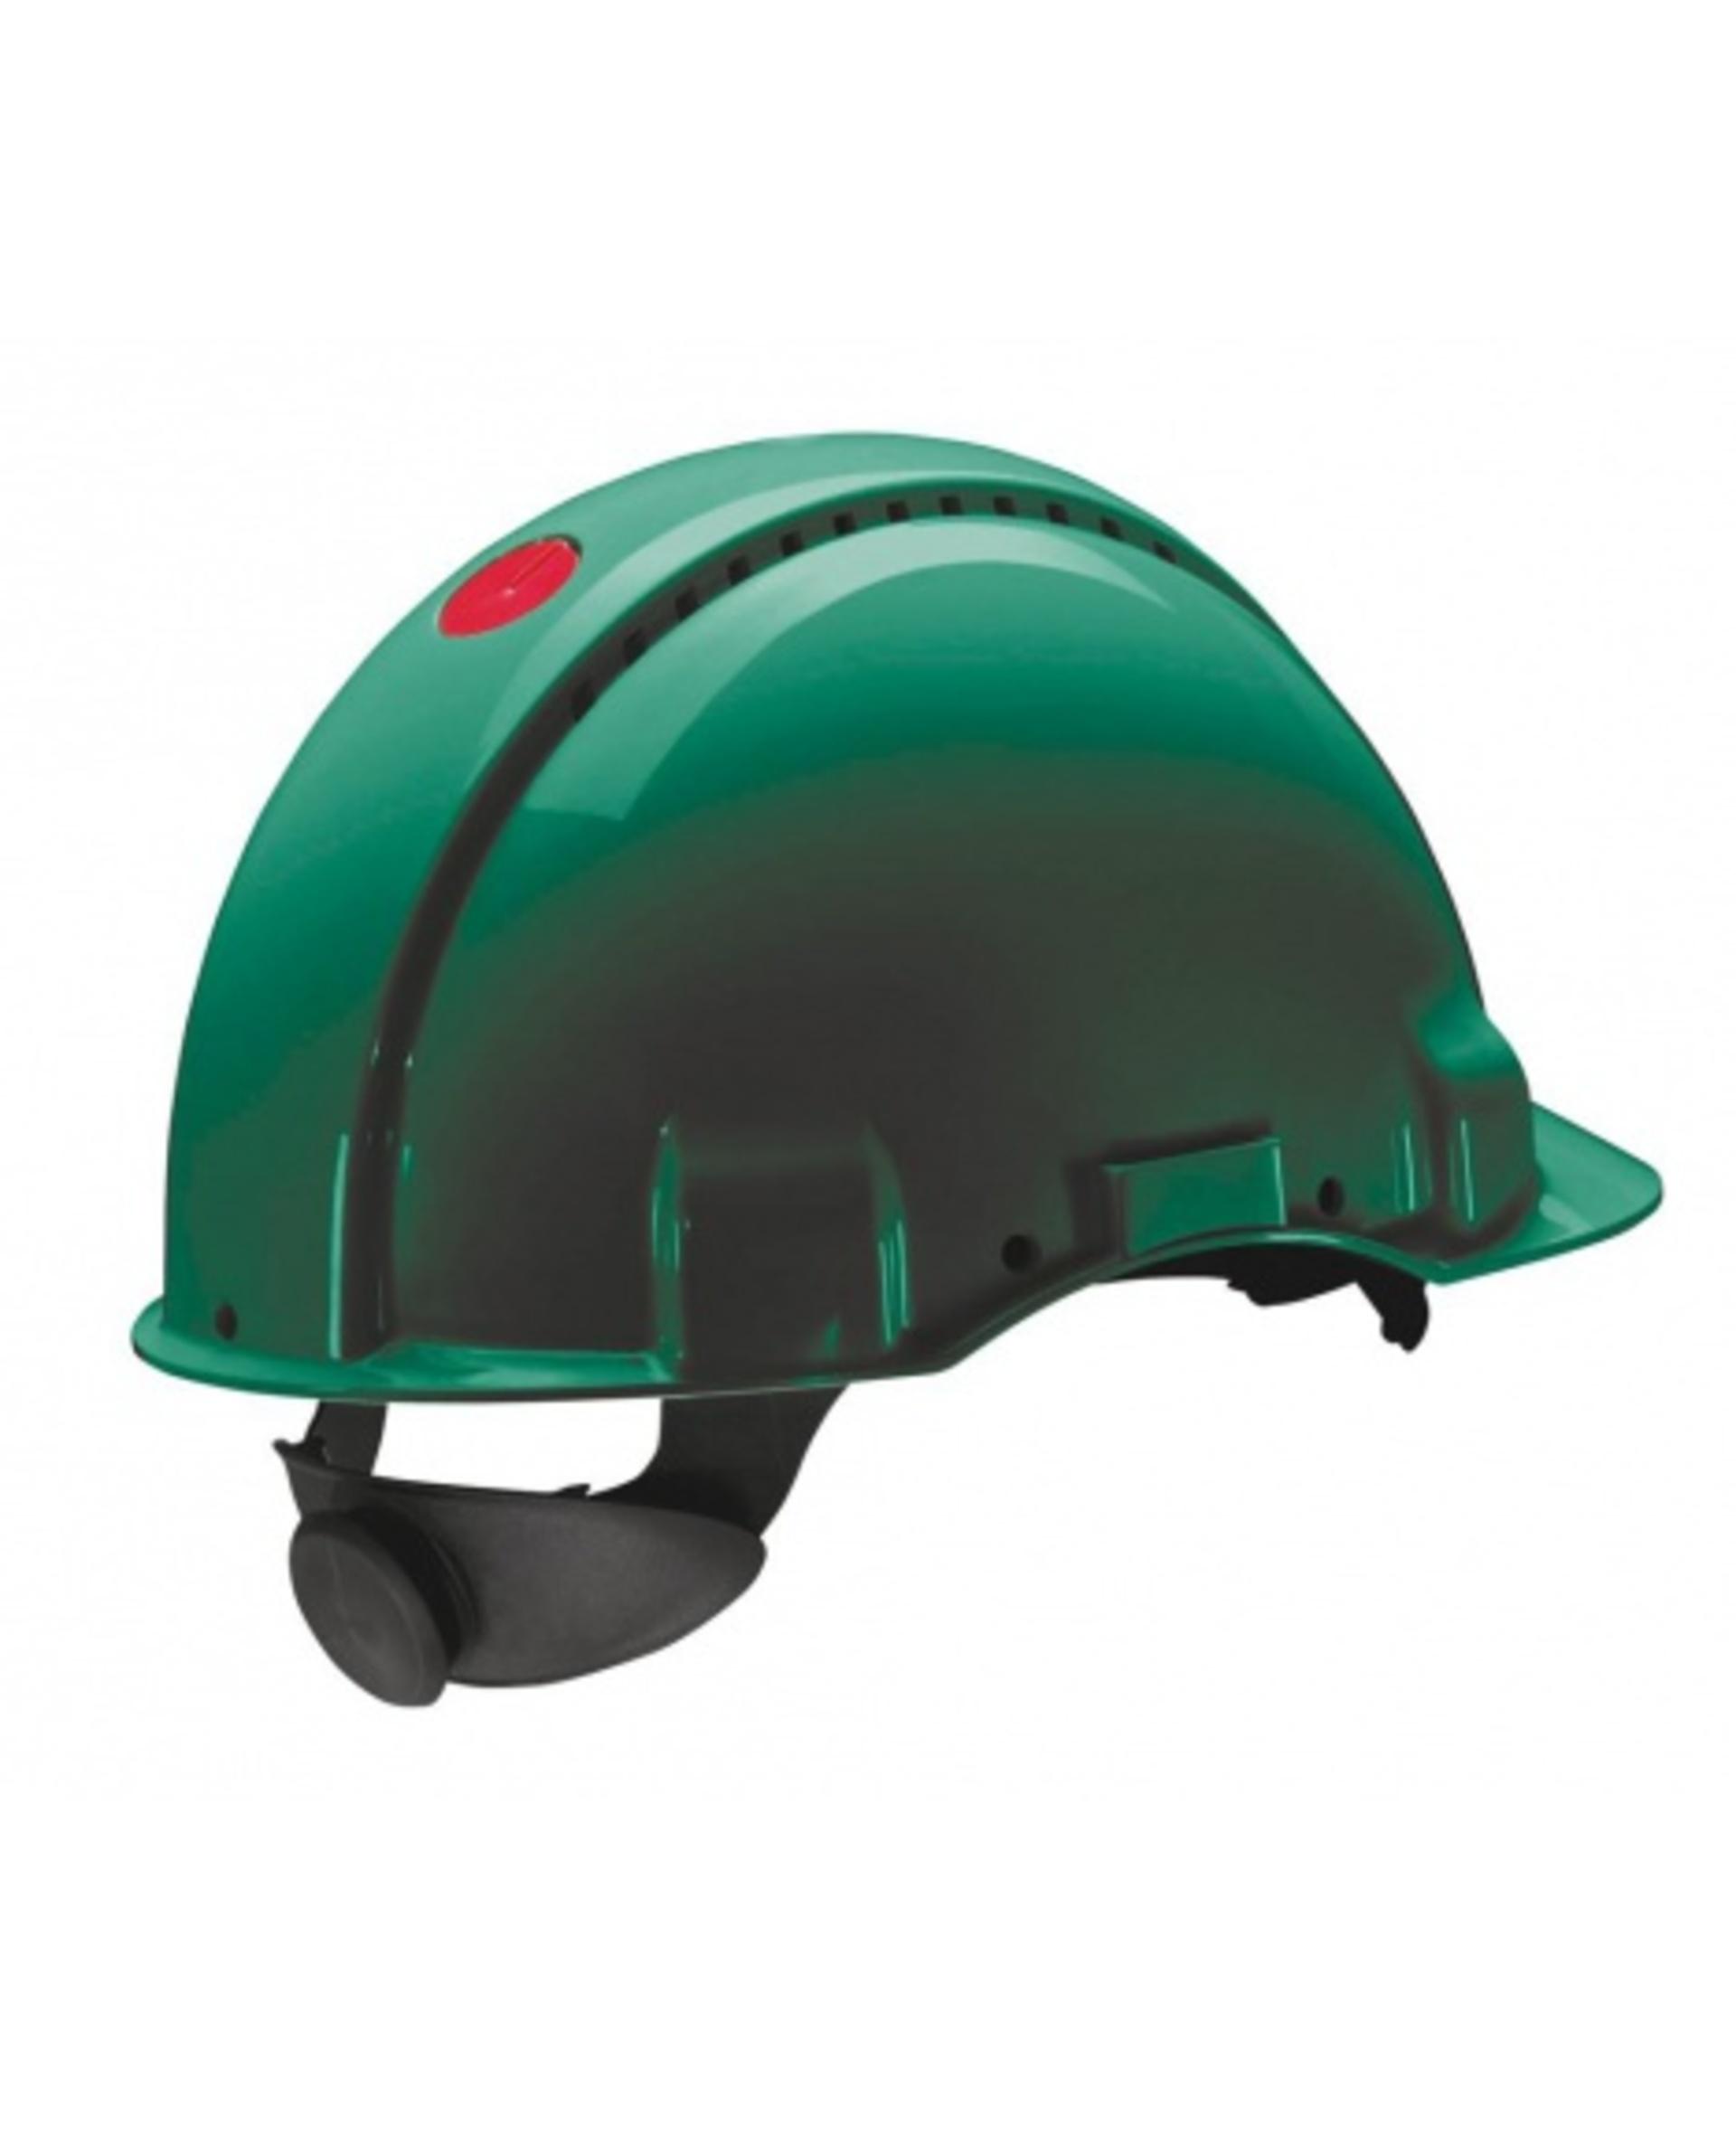 3M PELTOR G3000 Ochranná přilba zelená